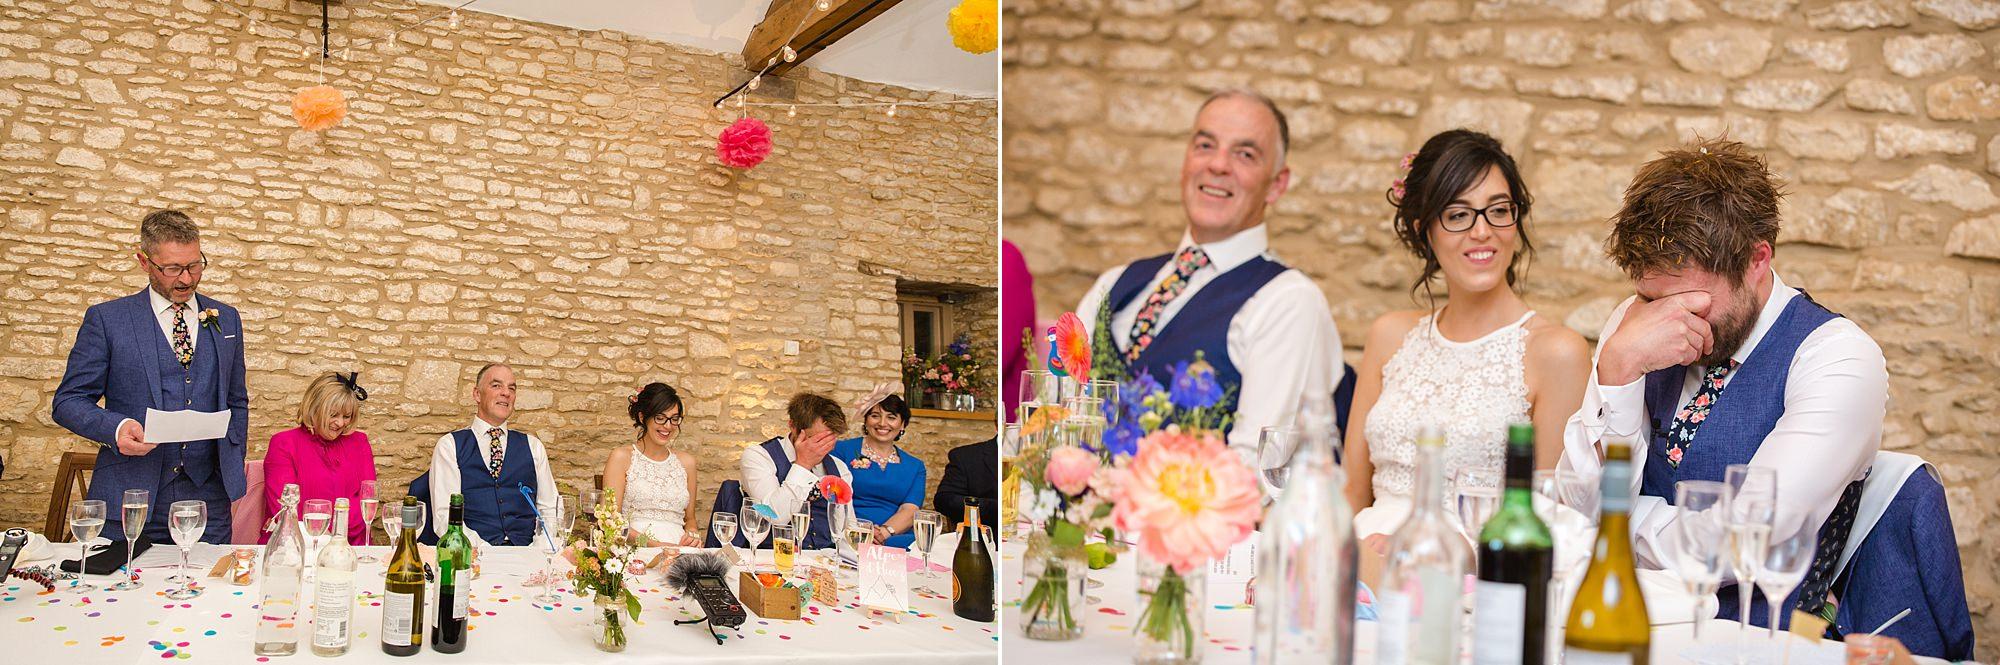 Caswell House Wedding best man gives a speech